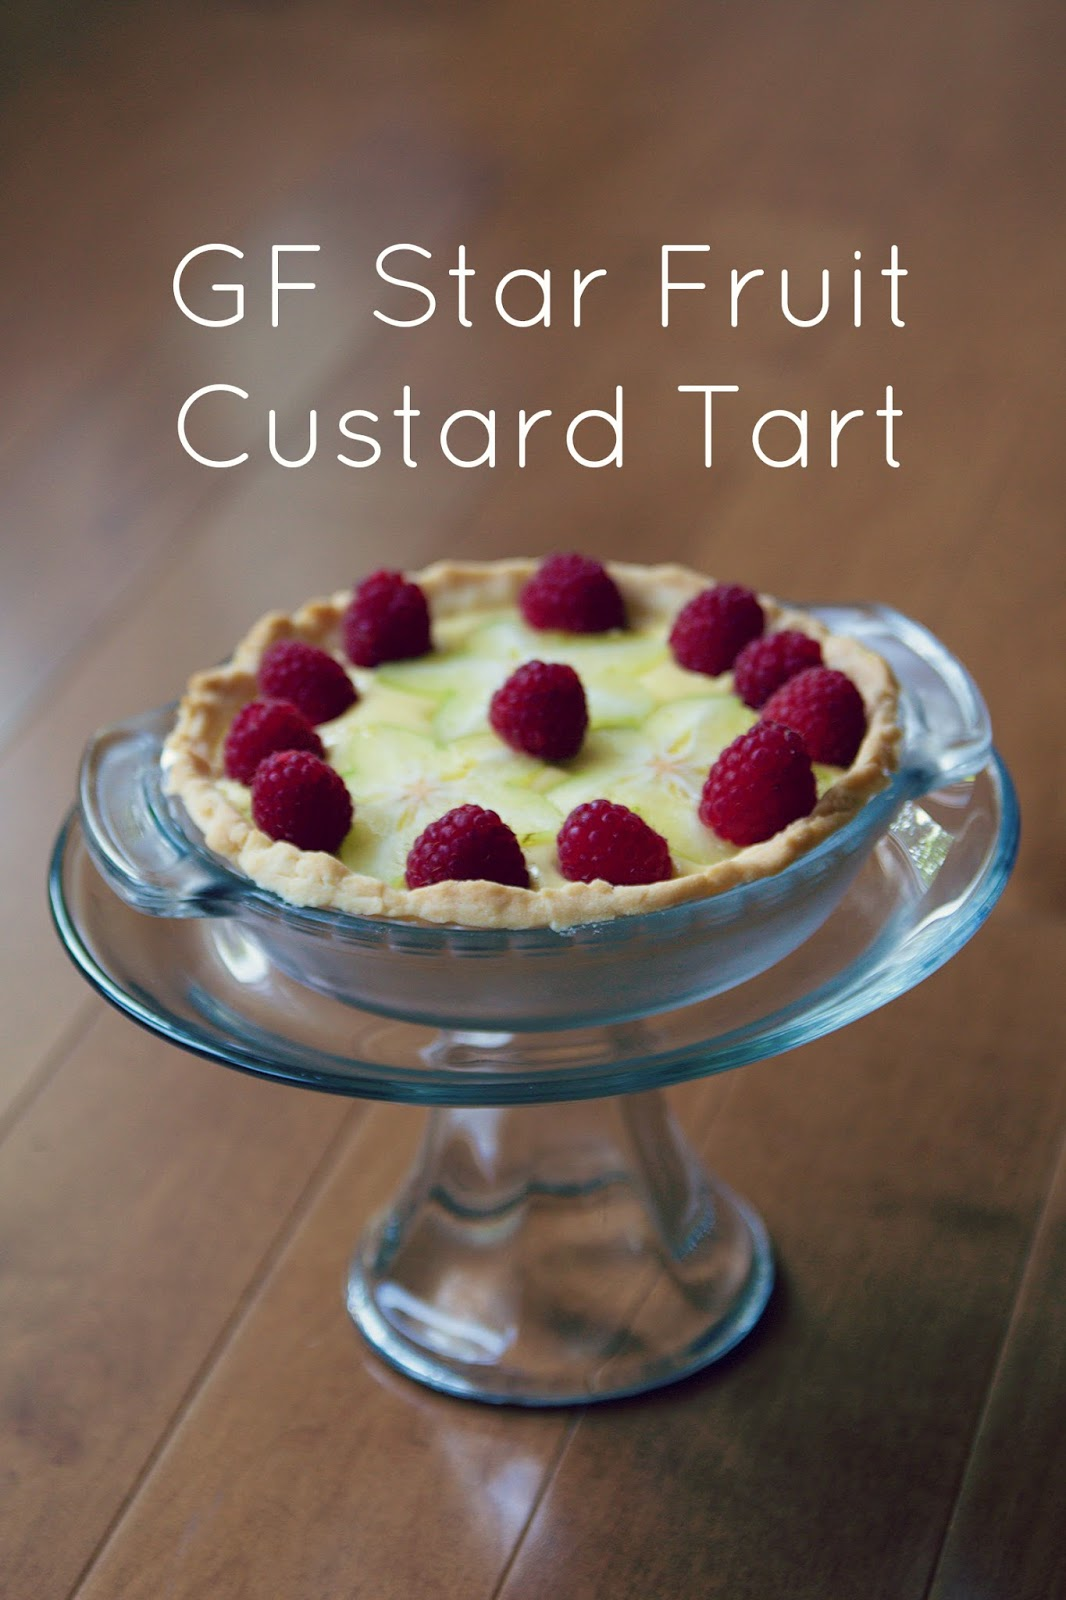 Lexalex: GF Star Fruit Custard Tart